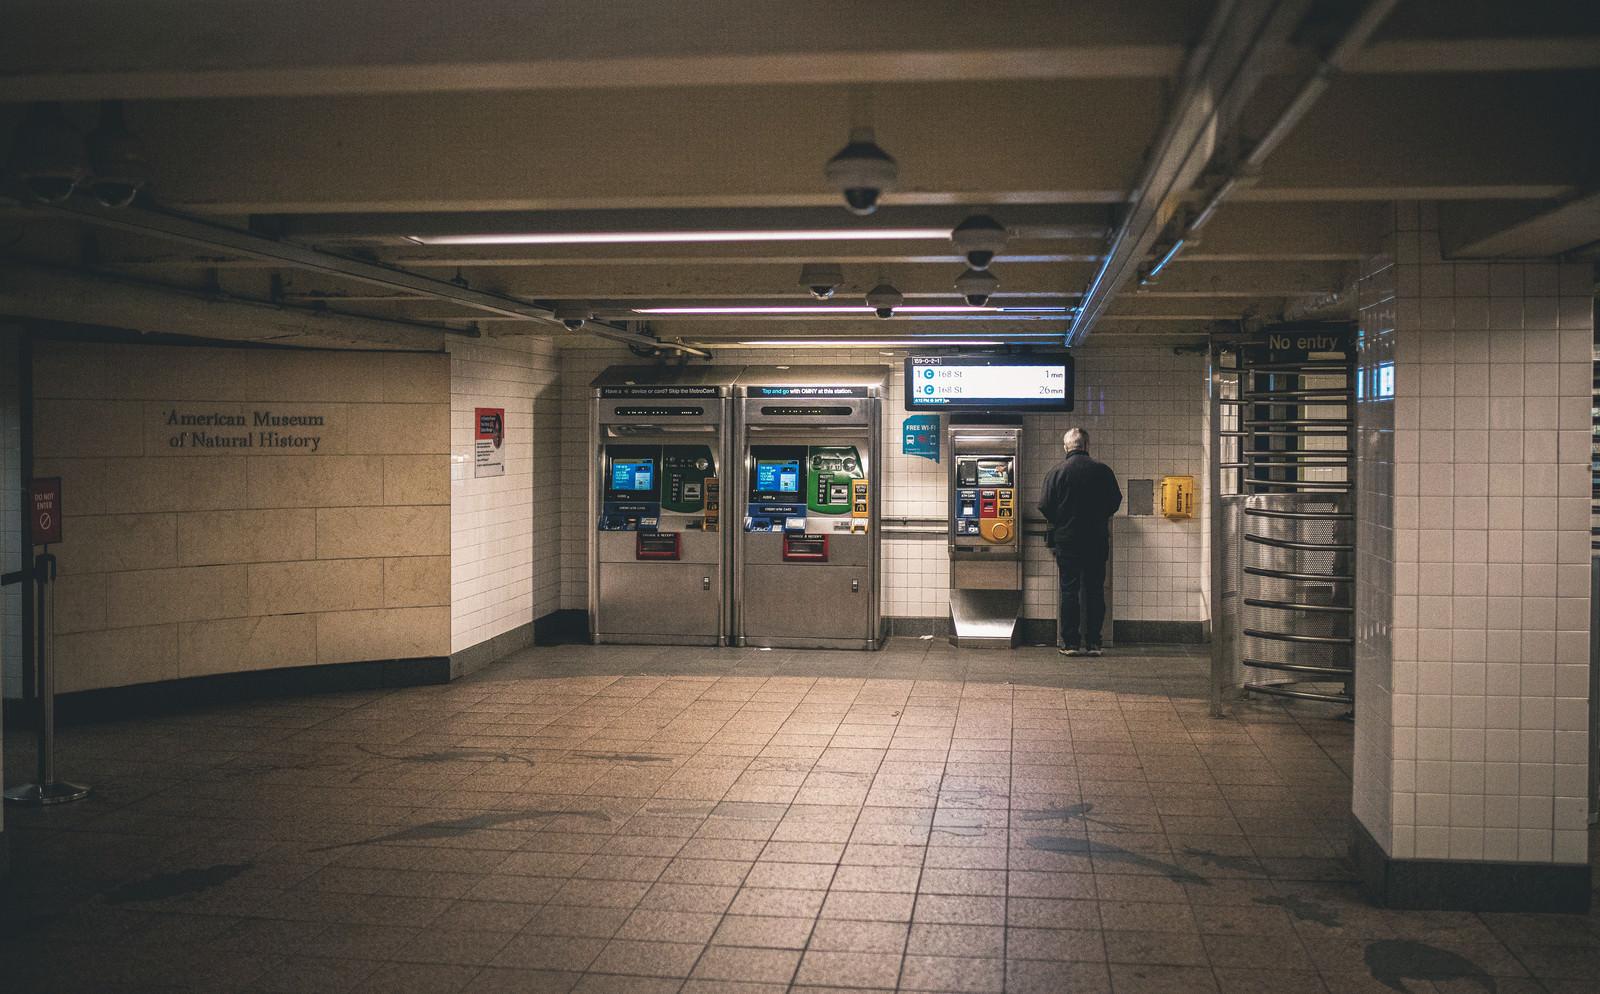 「ニューヨーク地下鉄の券売機」の写真